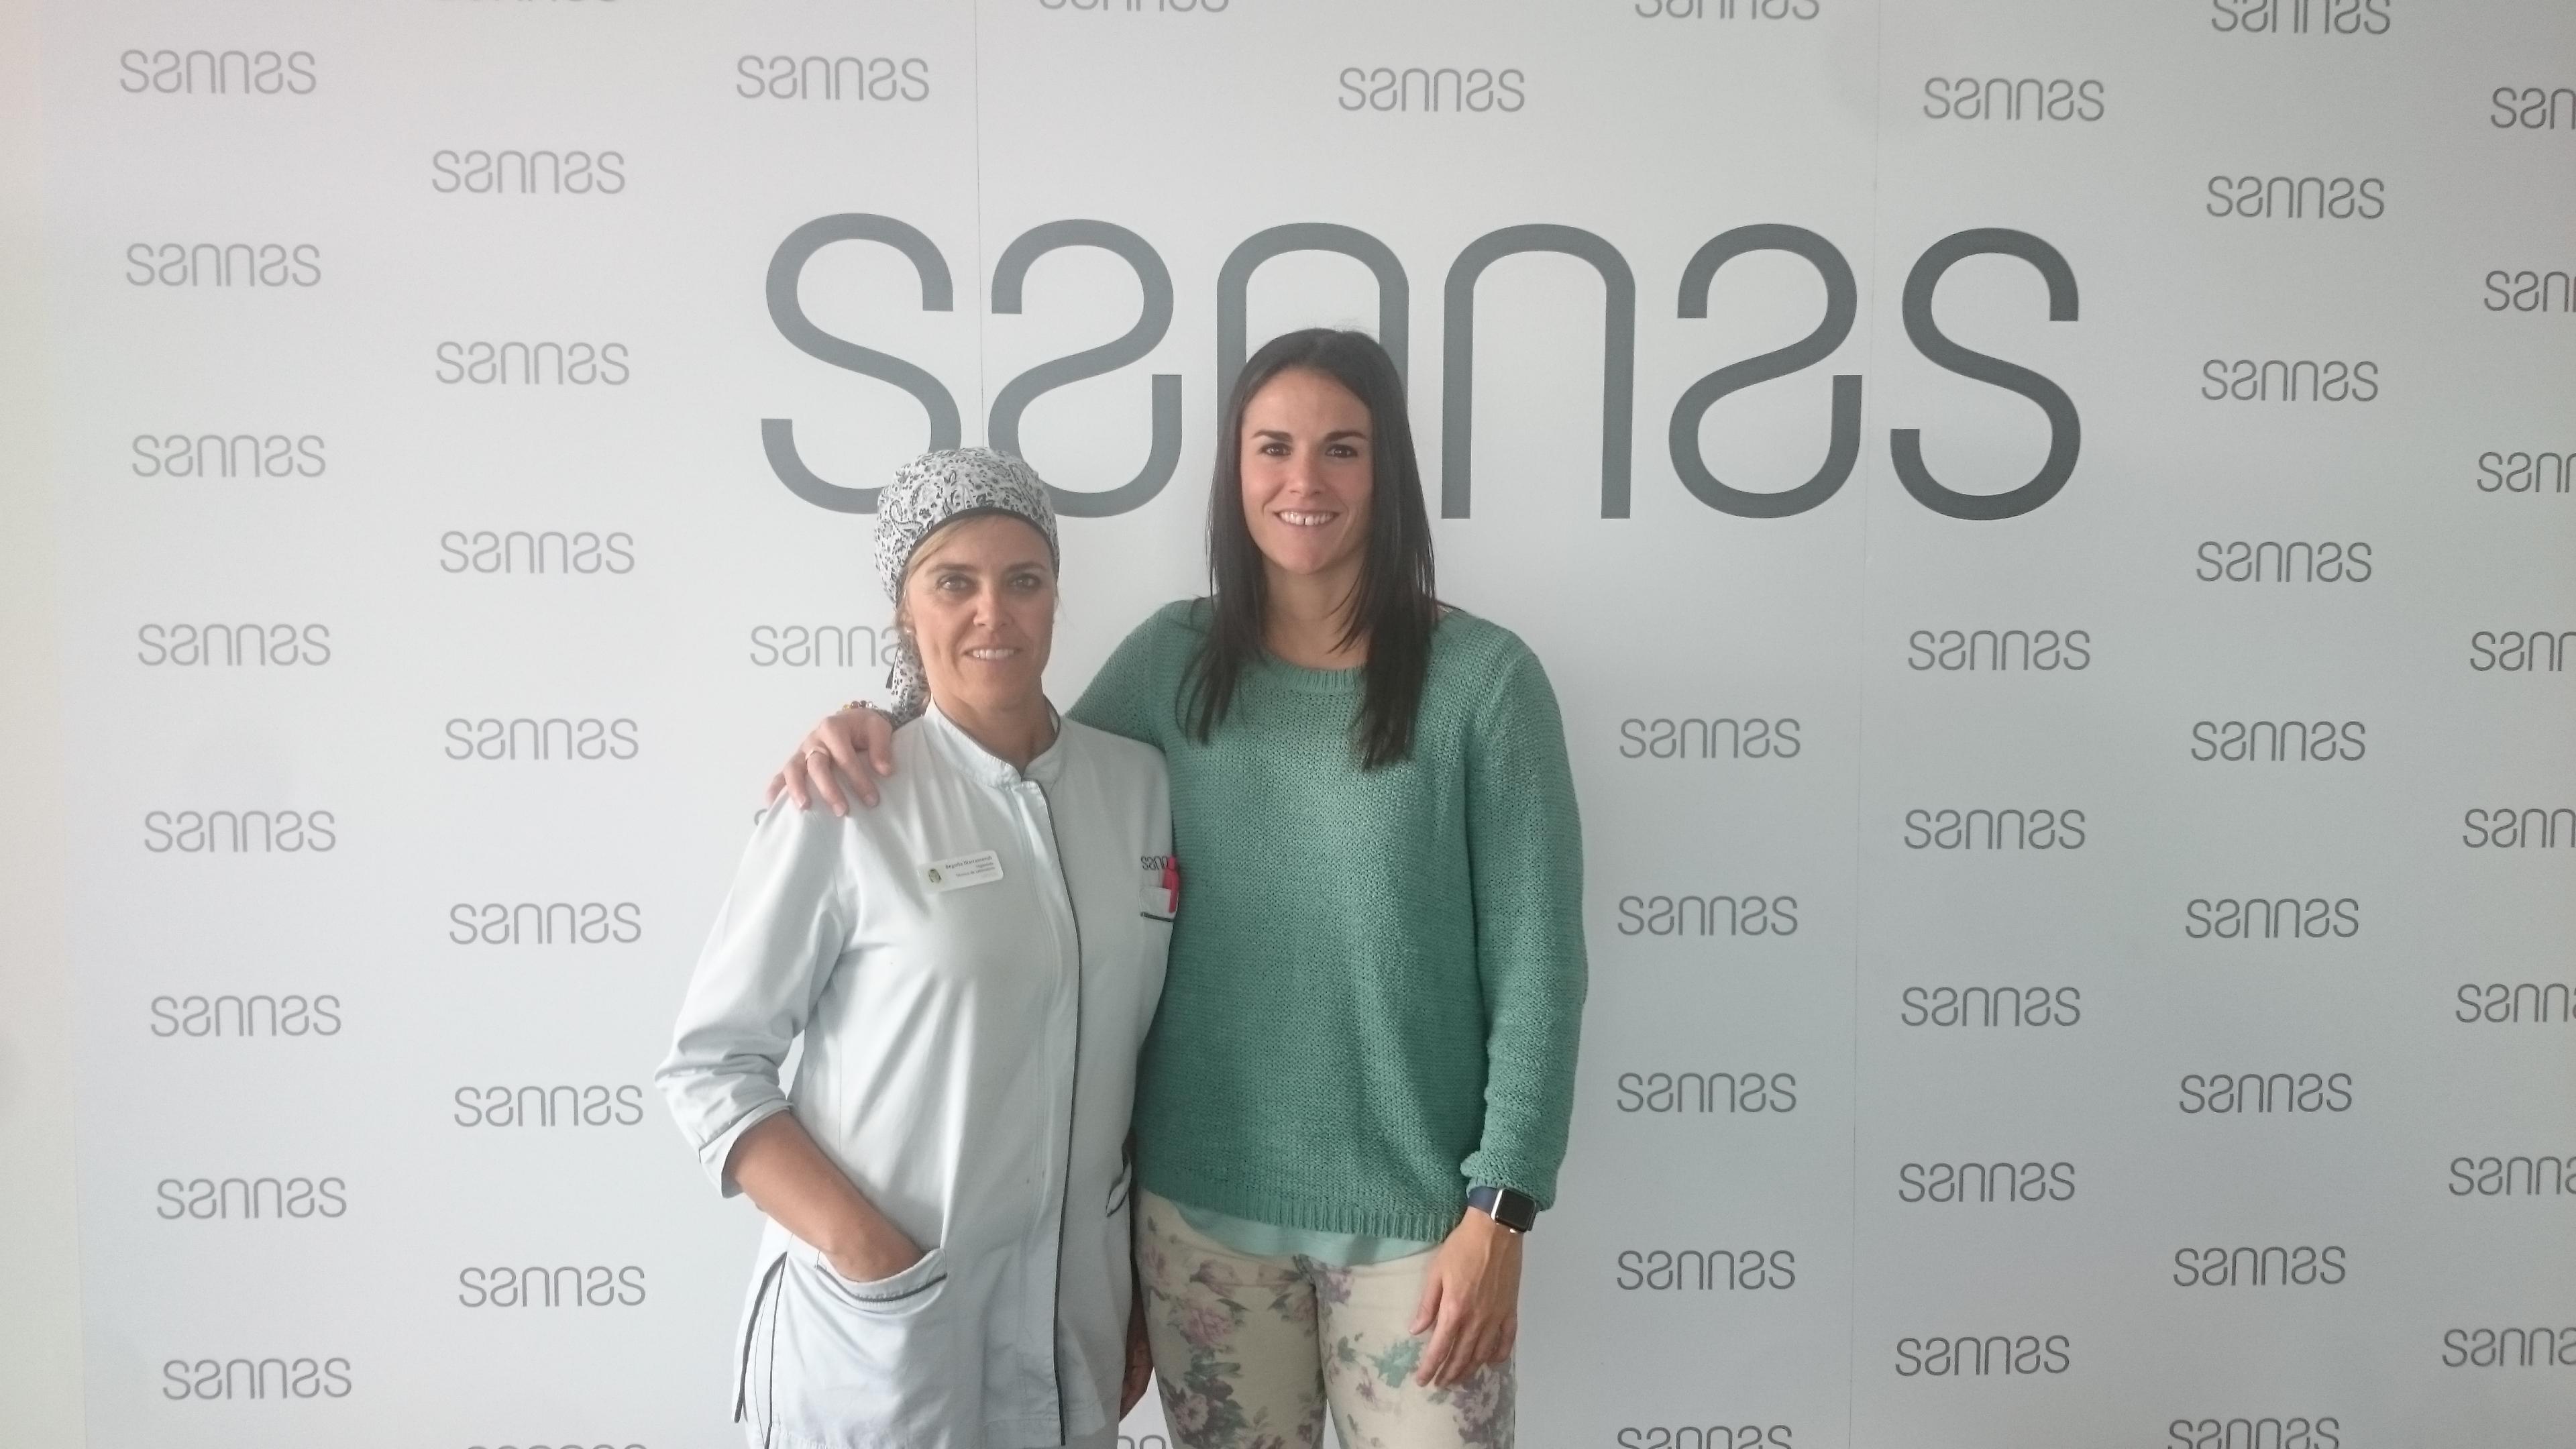 Visita deportiva en Sannas